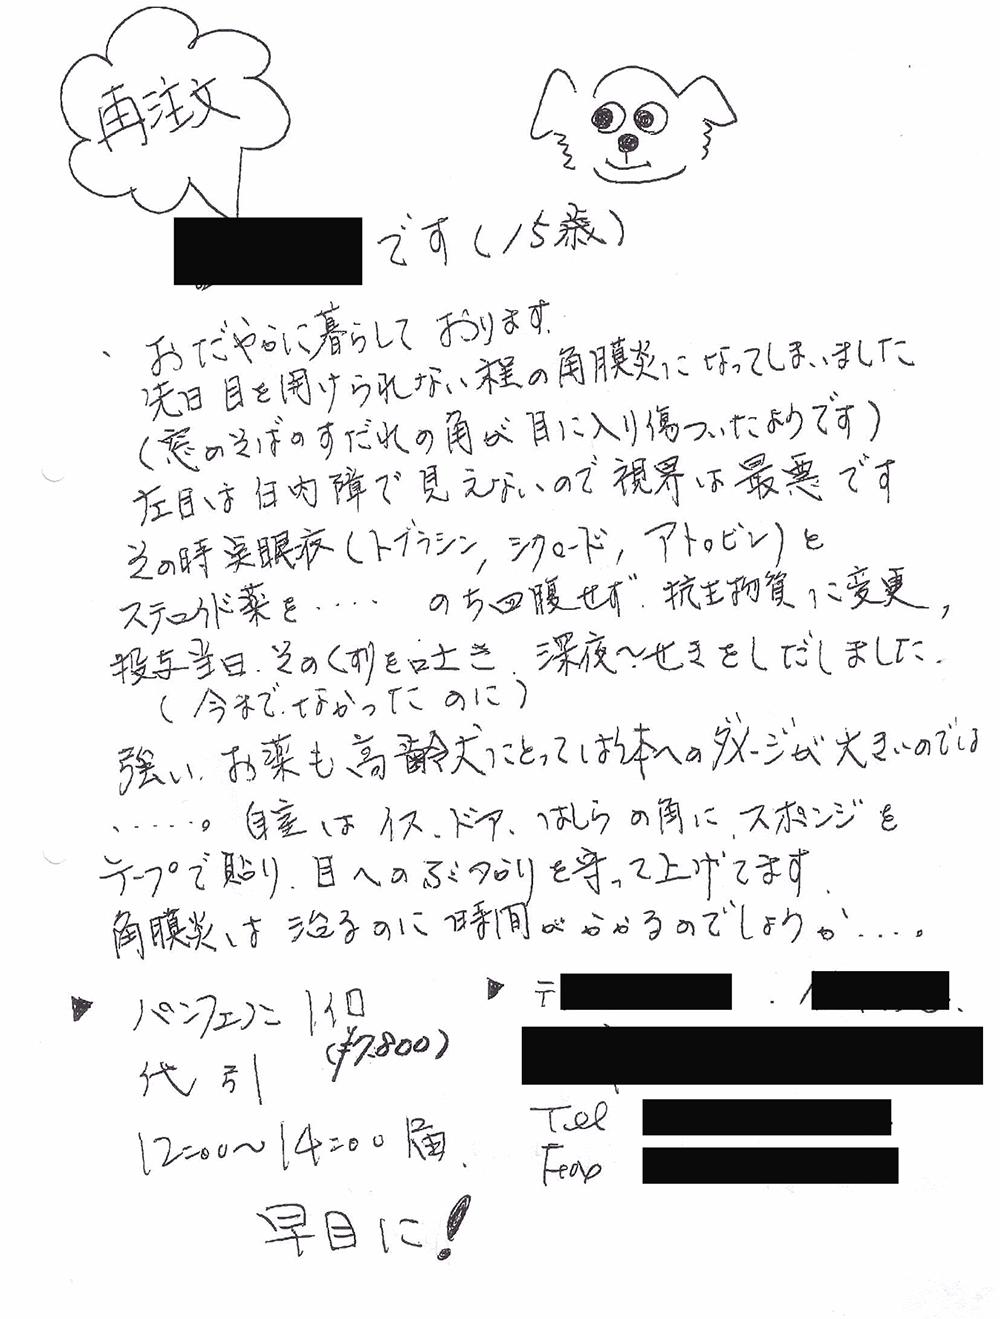 【西施犬】健太萌萌哒的来信(三)插图